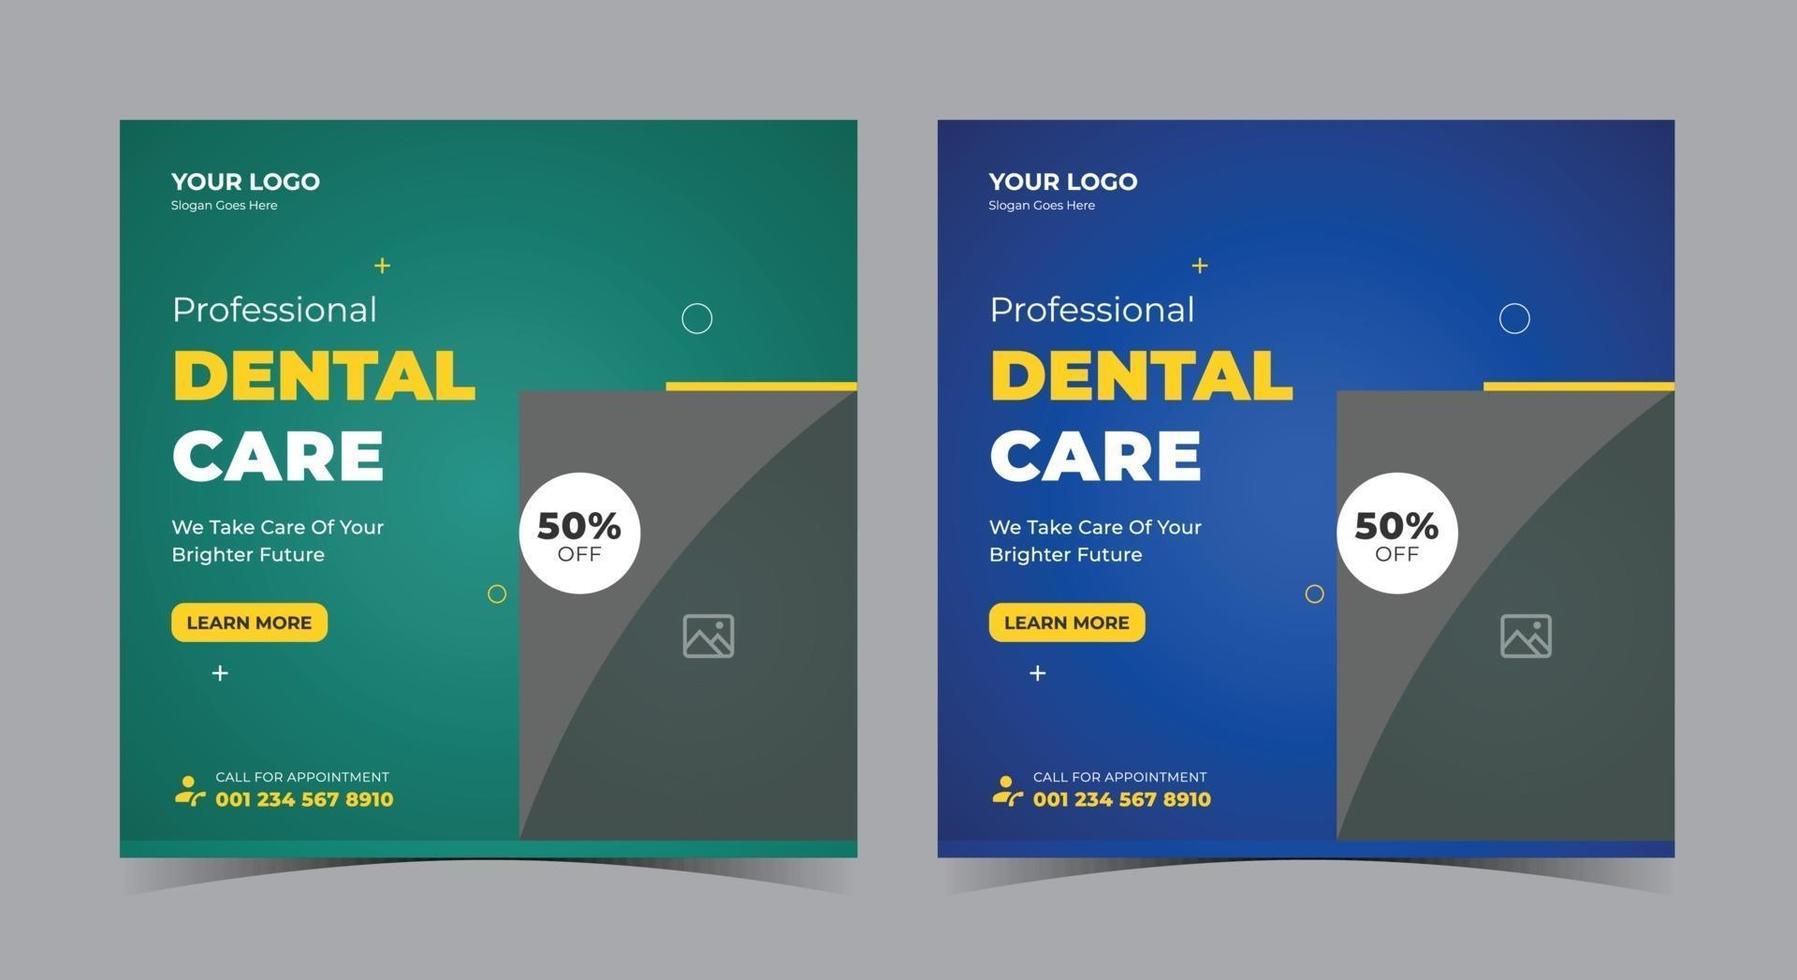 tandvård affisch, tandvård sociala medier inlägg och flygblad vektor